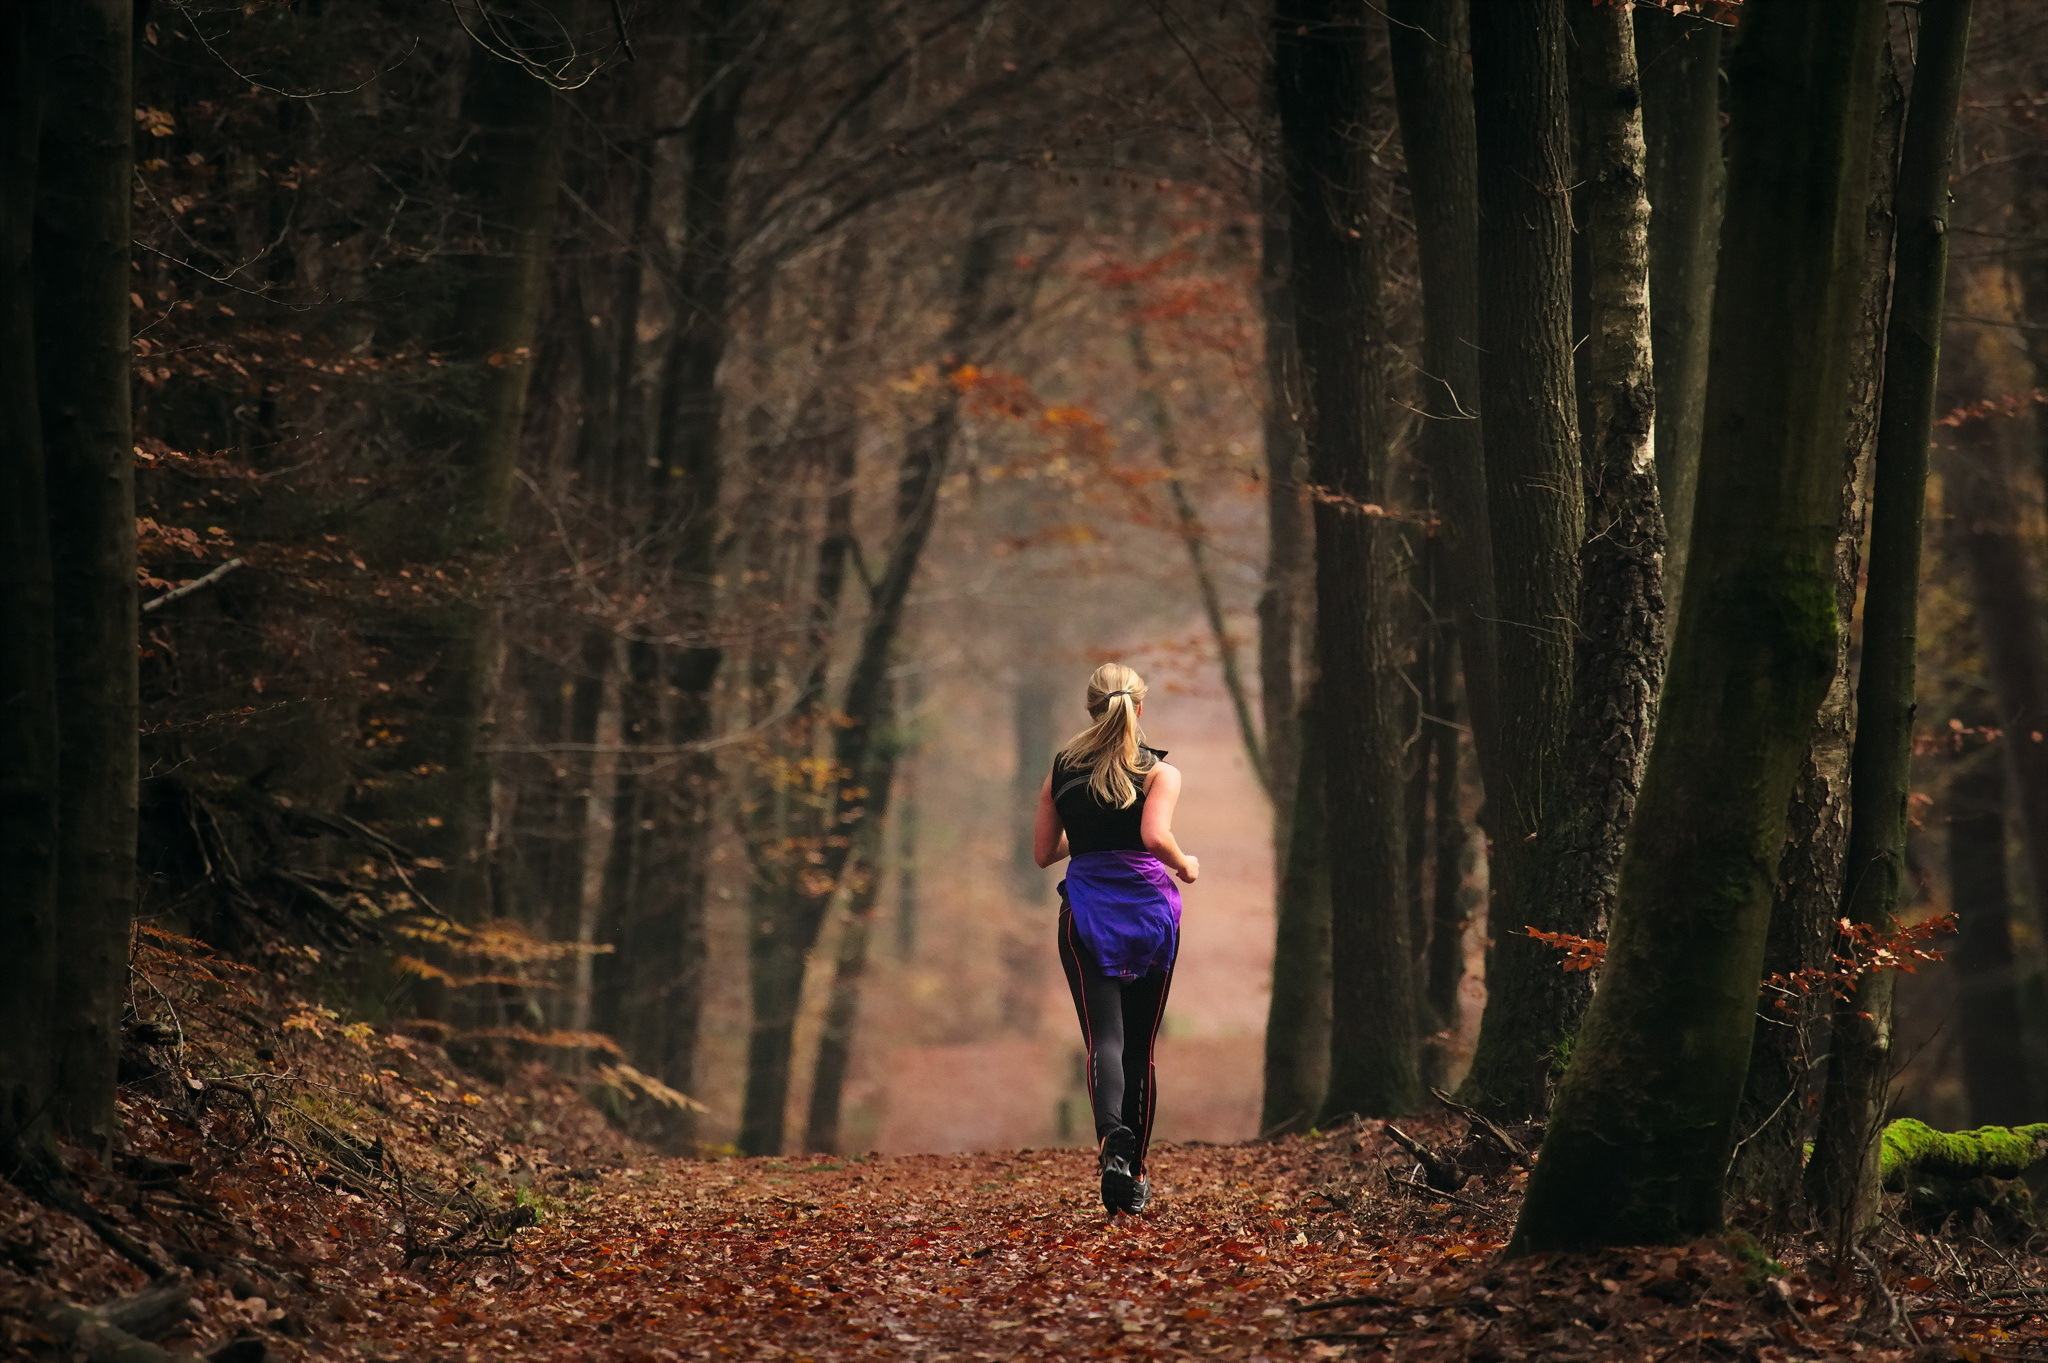 Девушка в лесу на листьях  № 2707742 без смс